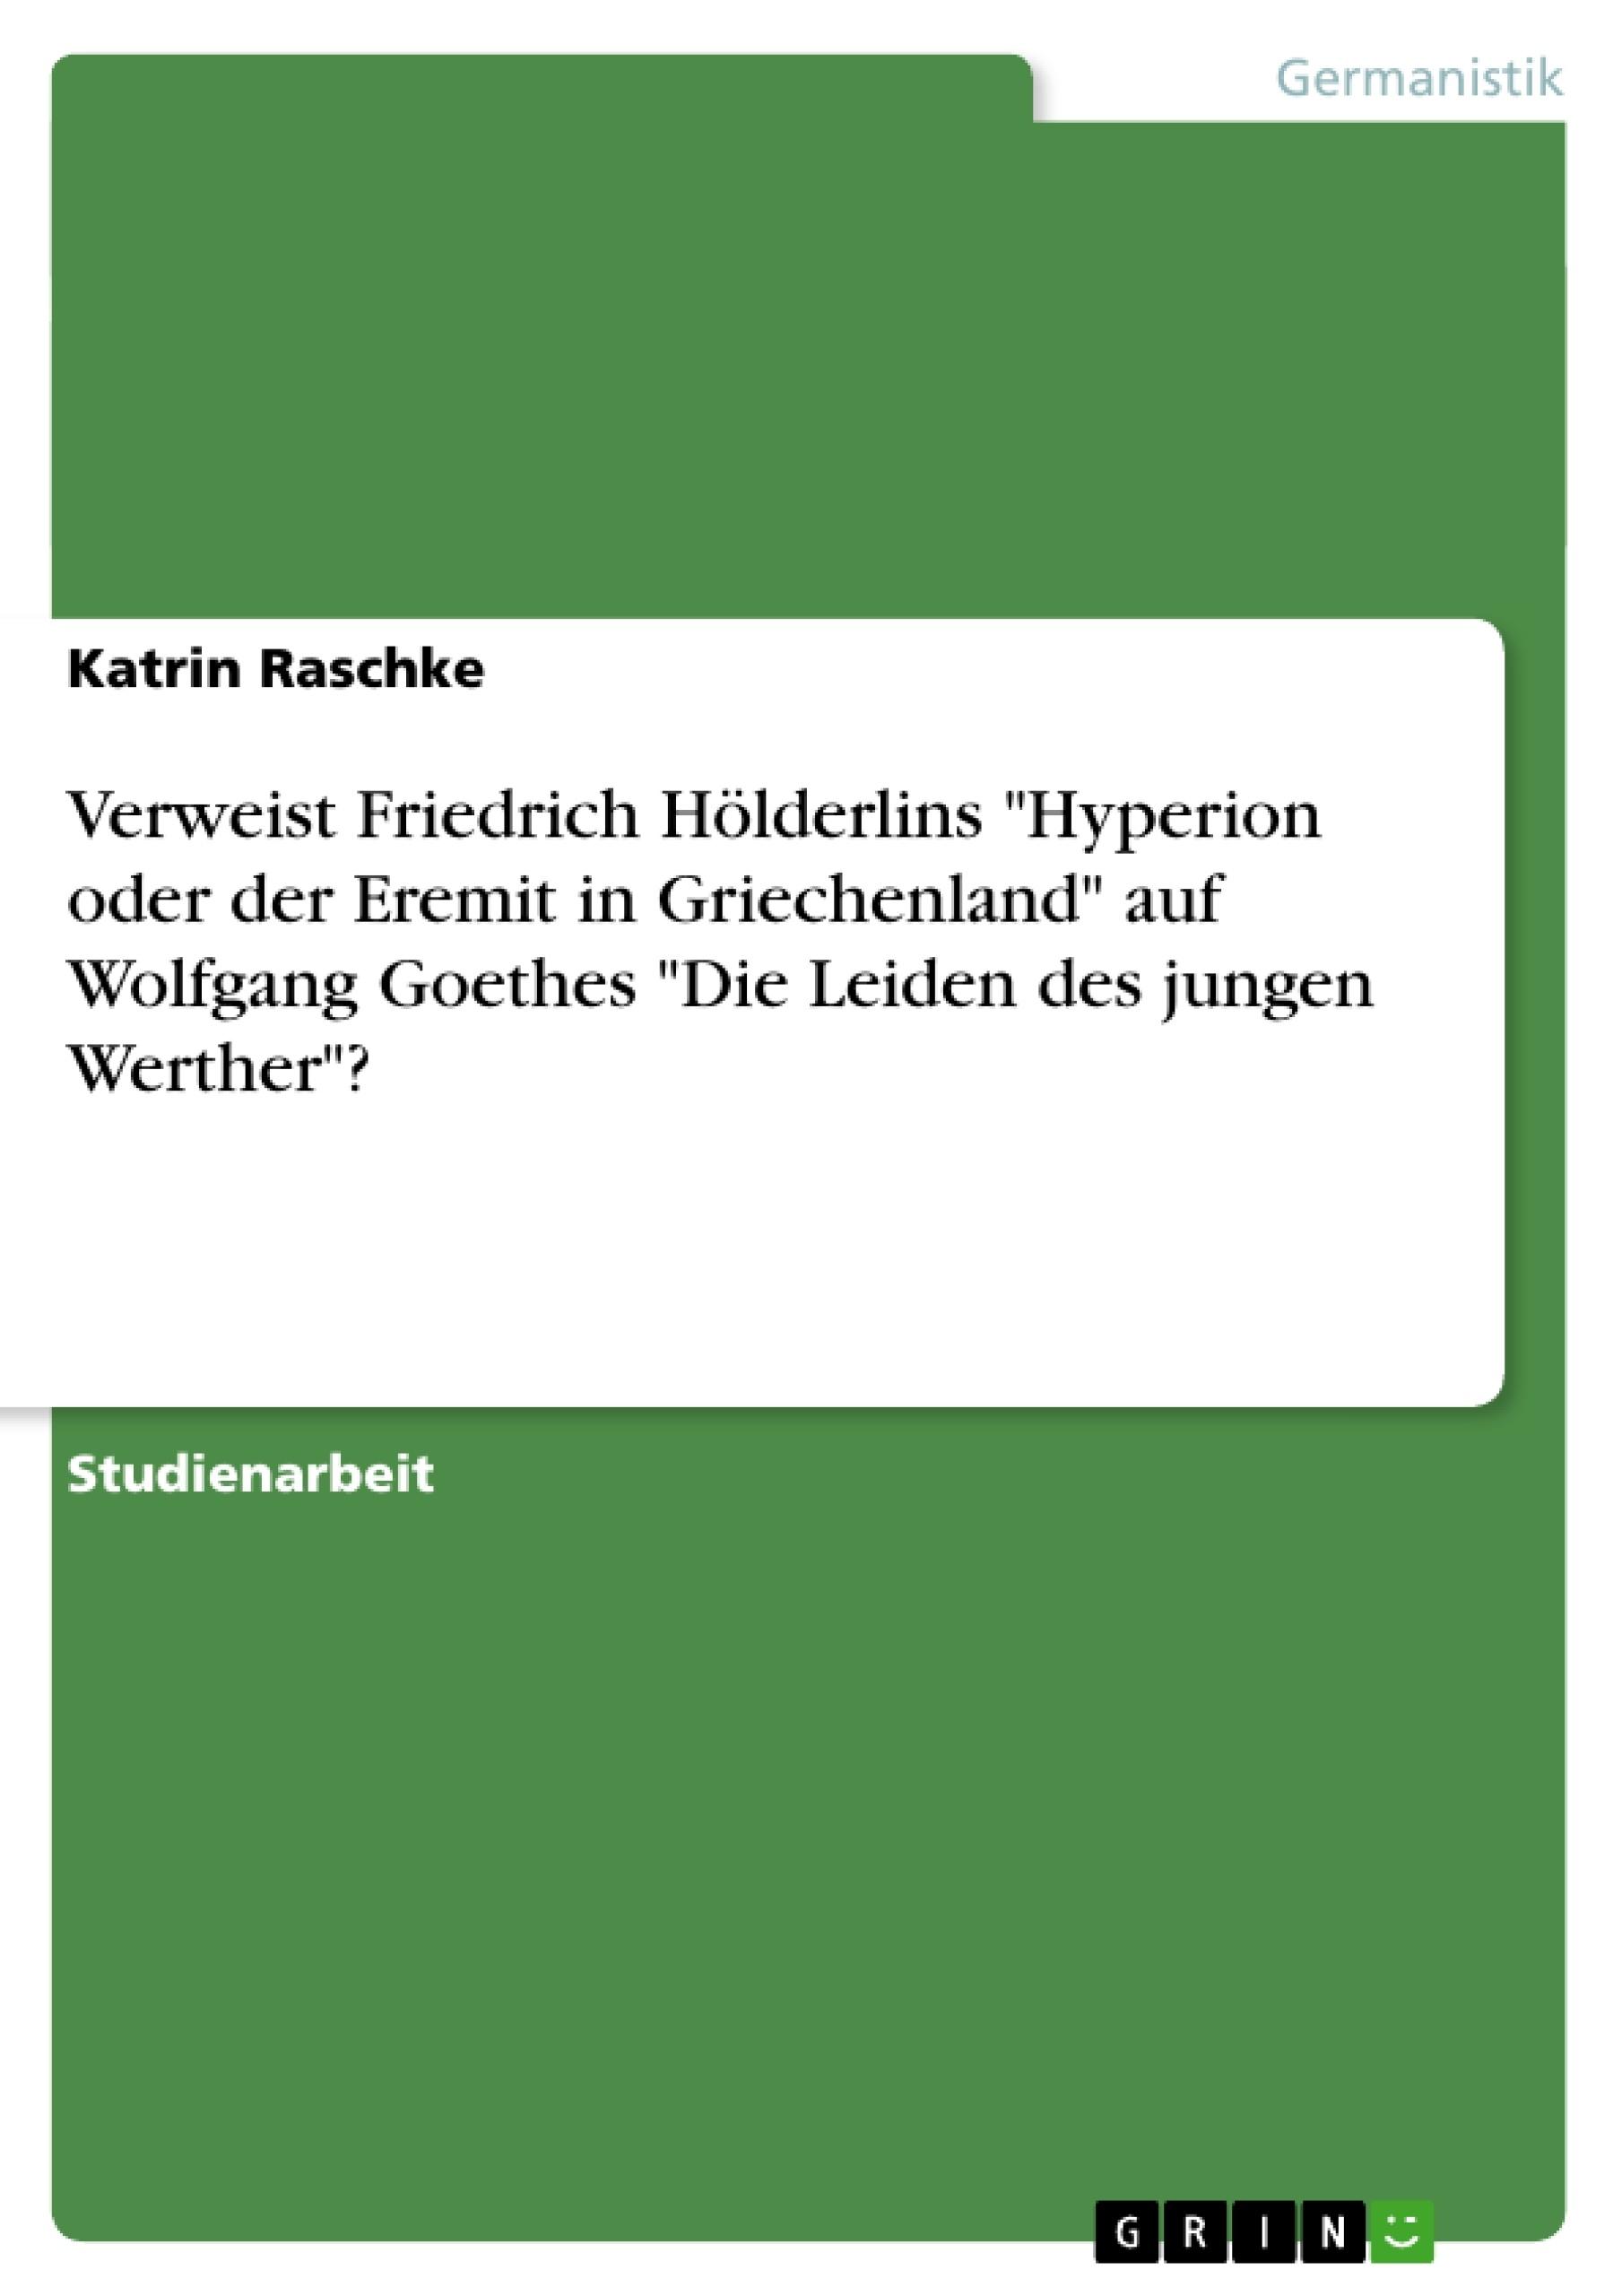 """Titel: Verweist Friedrich Hölderlins """"Hyperion oder der Eremit in Griechenland"""" auf Wolfgang Goethes """"Die Leiden des jungen Werther""""?"""